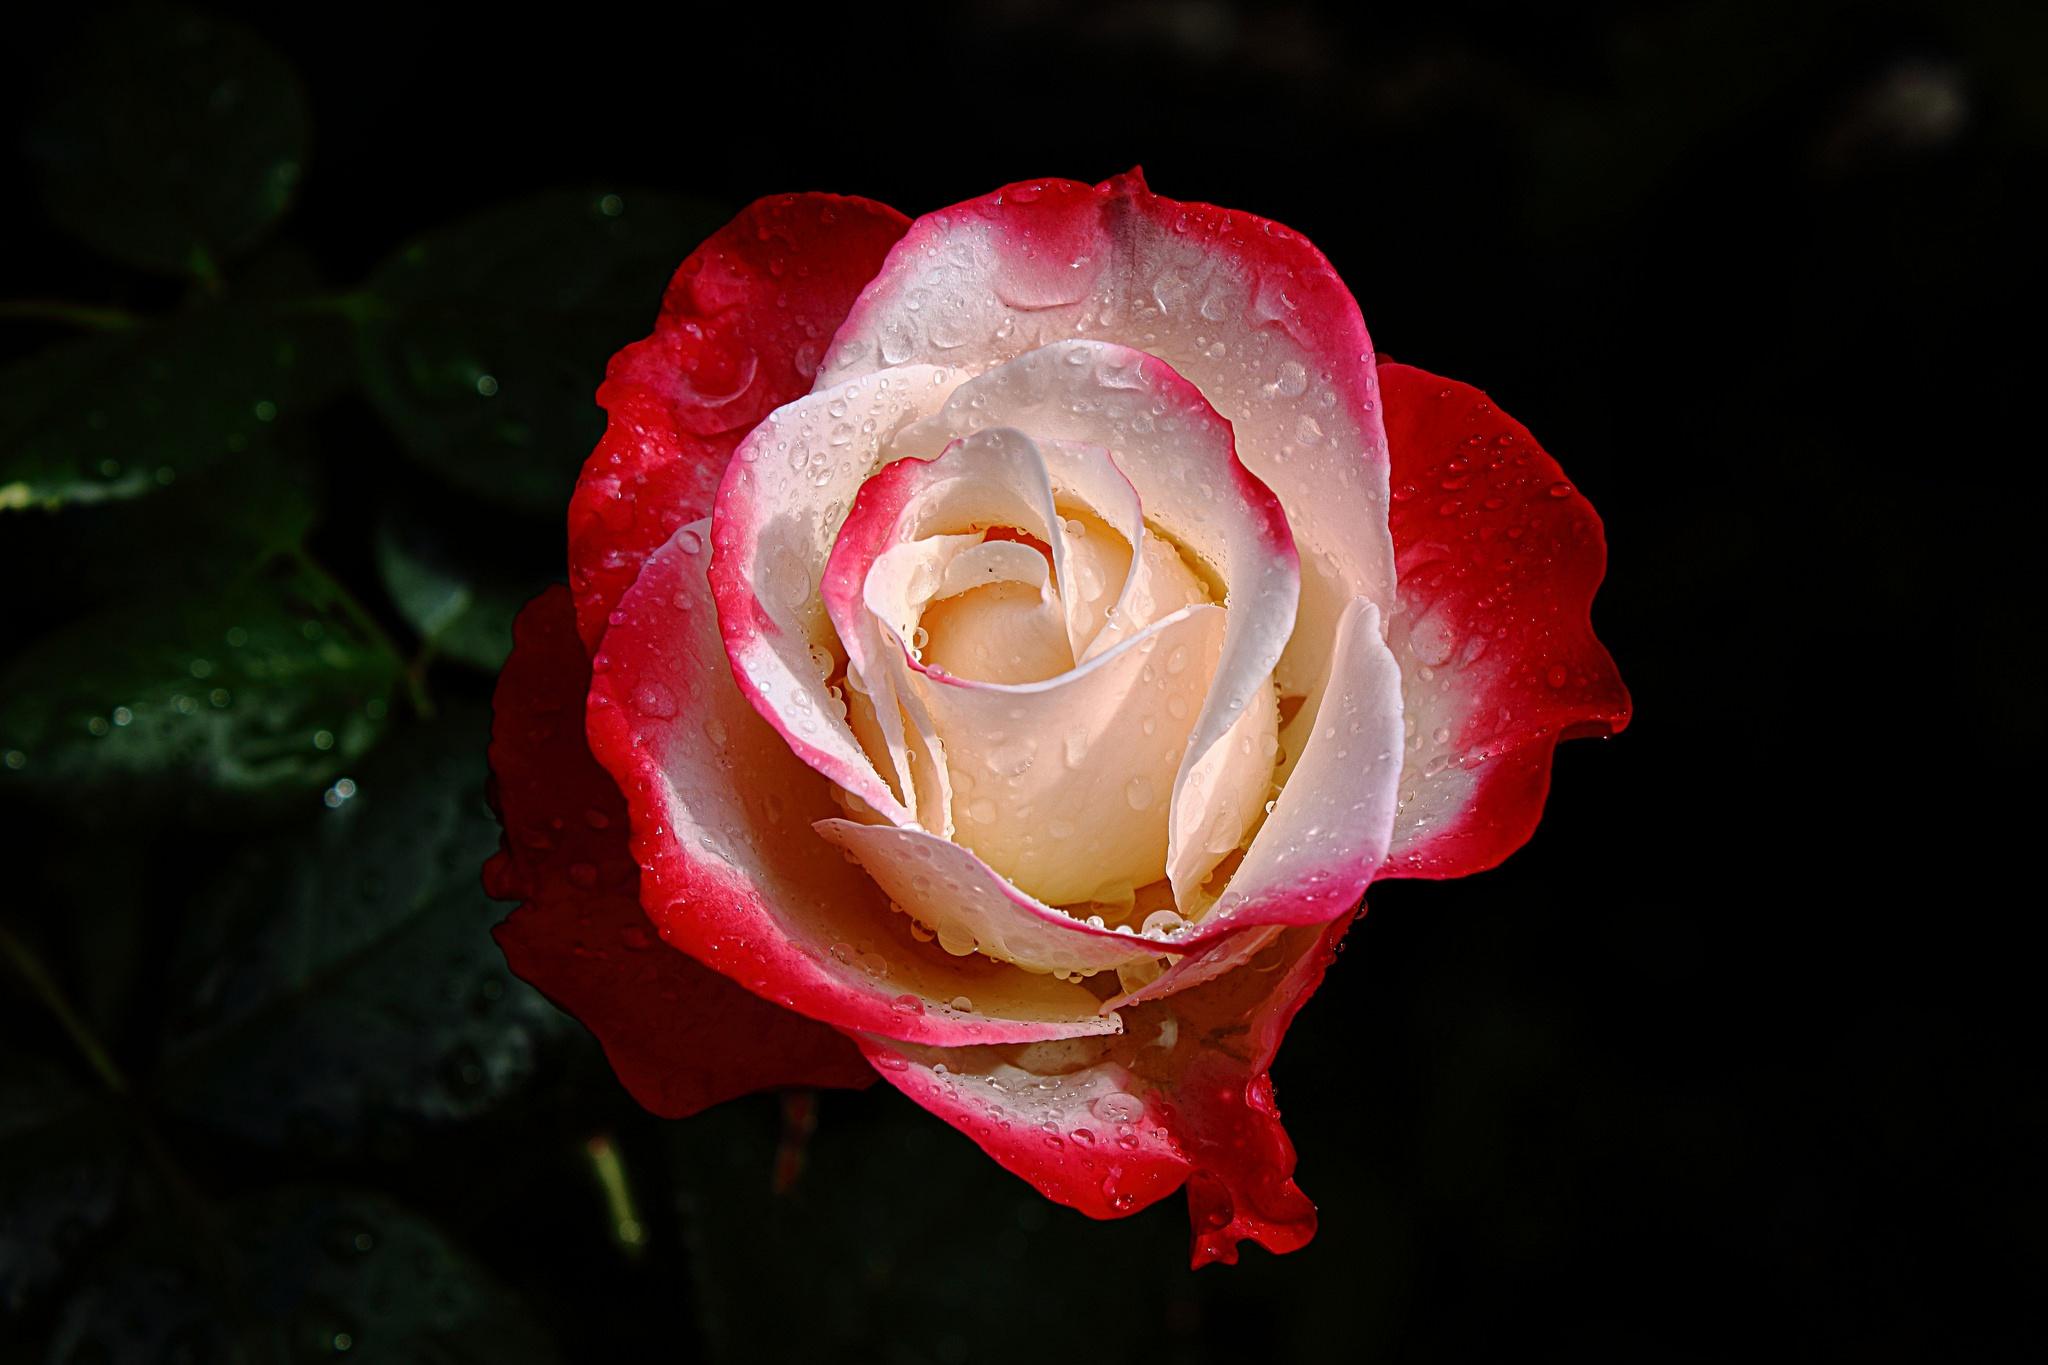 Роза с капельками  № 1352917 загрузить